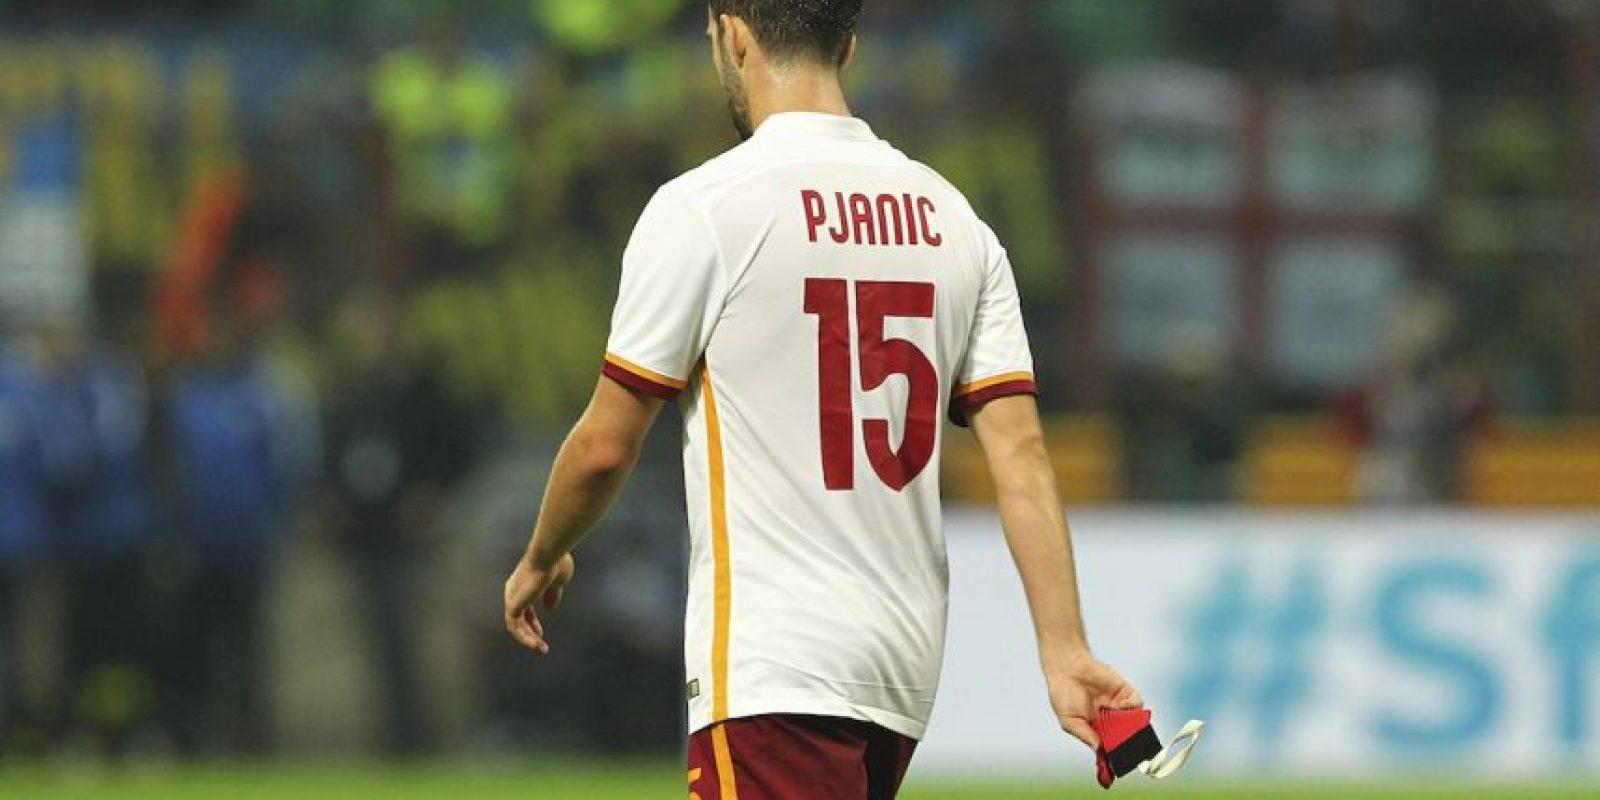 Tiene 25 años de edad, es mediocentro y tiene gol. Foto:Getty Images